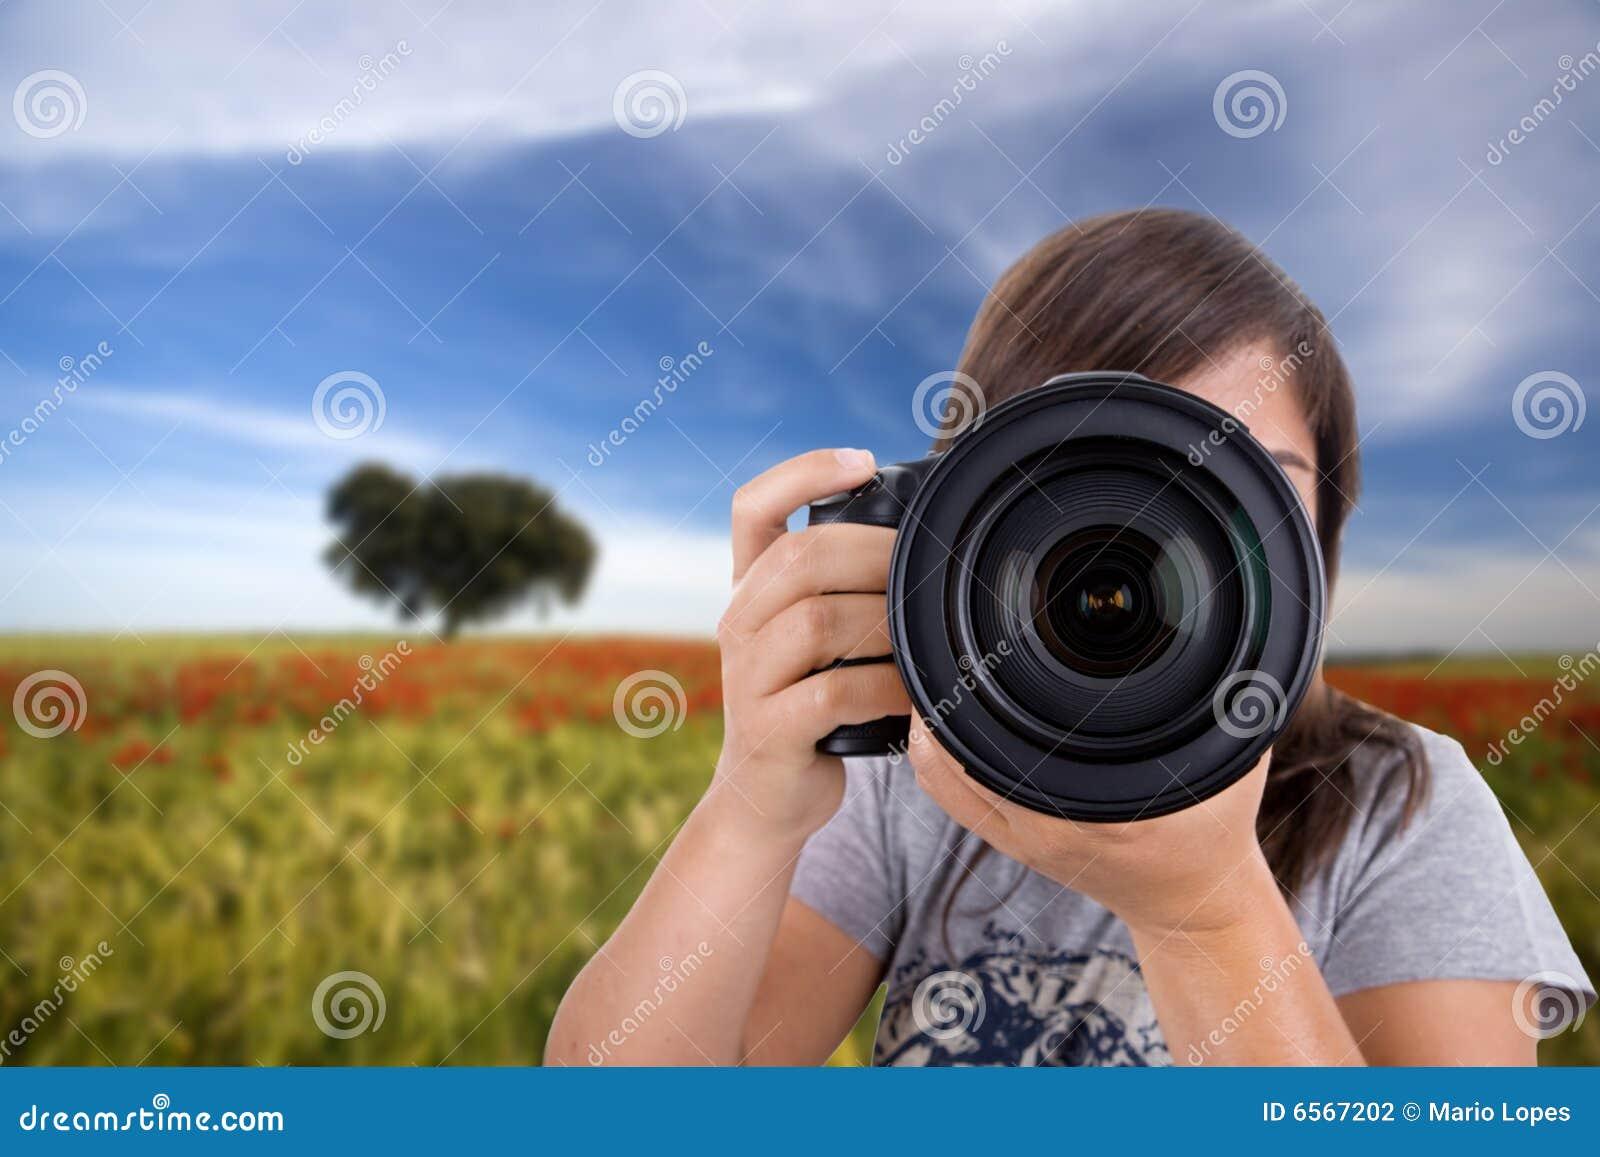 Paisajes de fotografía de la mujer joven